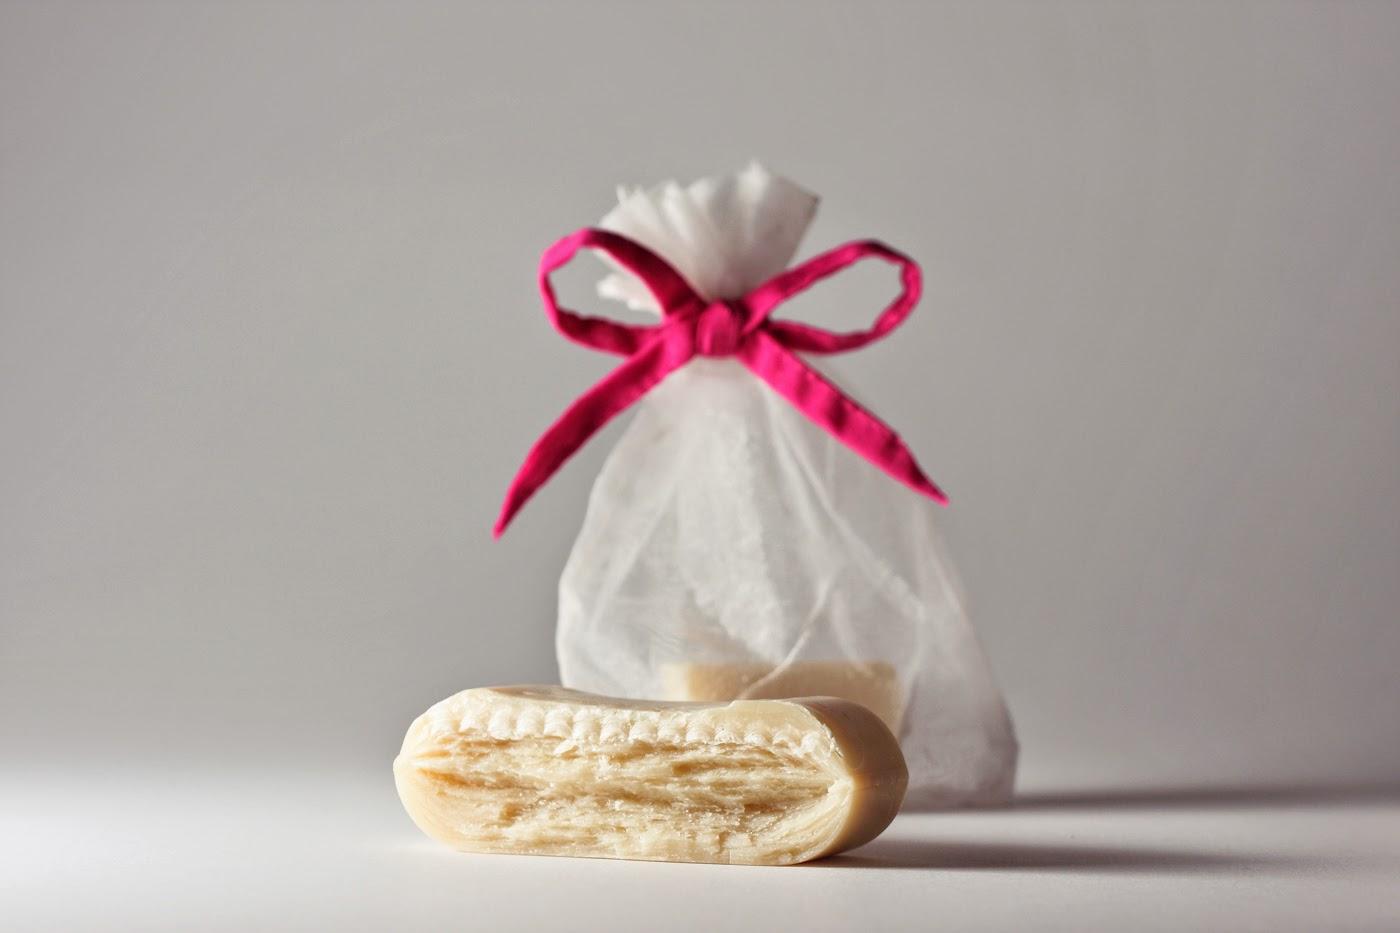 http://emilla.hu/spd/185/Emilla-termeszetes-folttisztito-szappan---Emilla-N